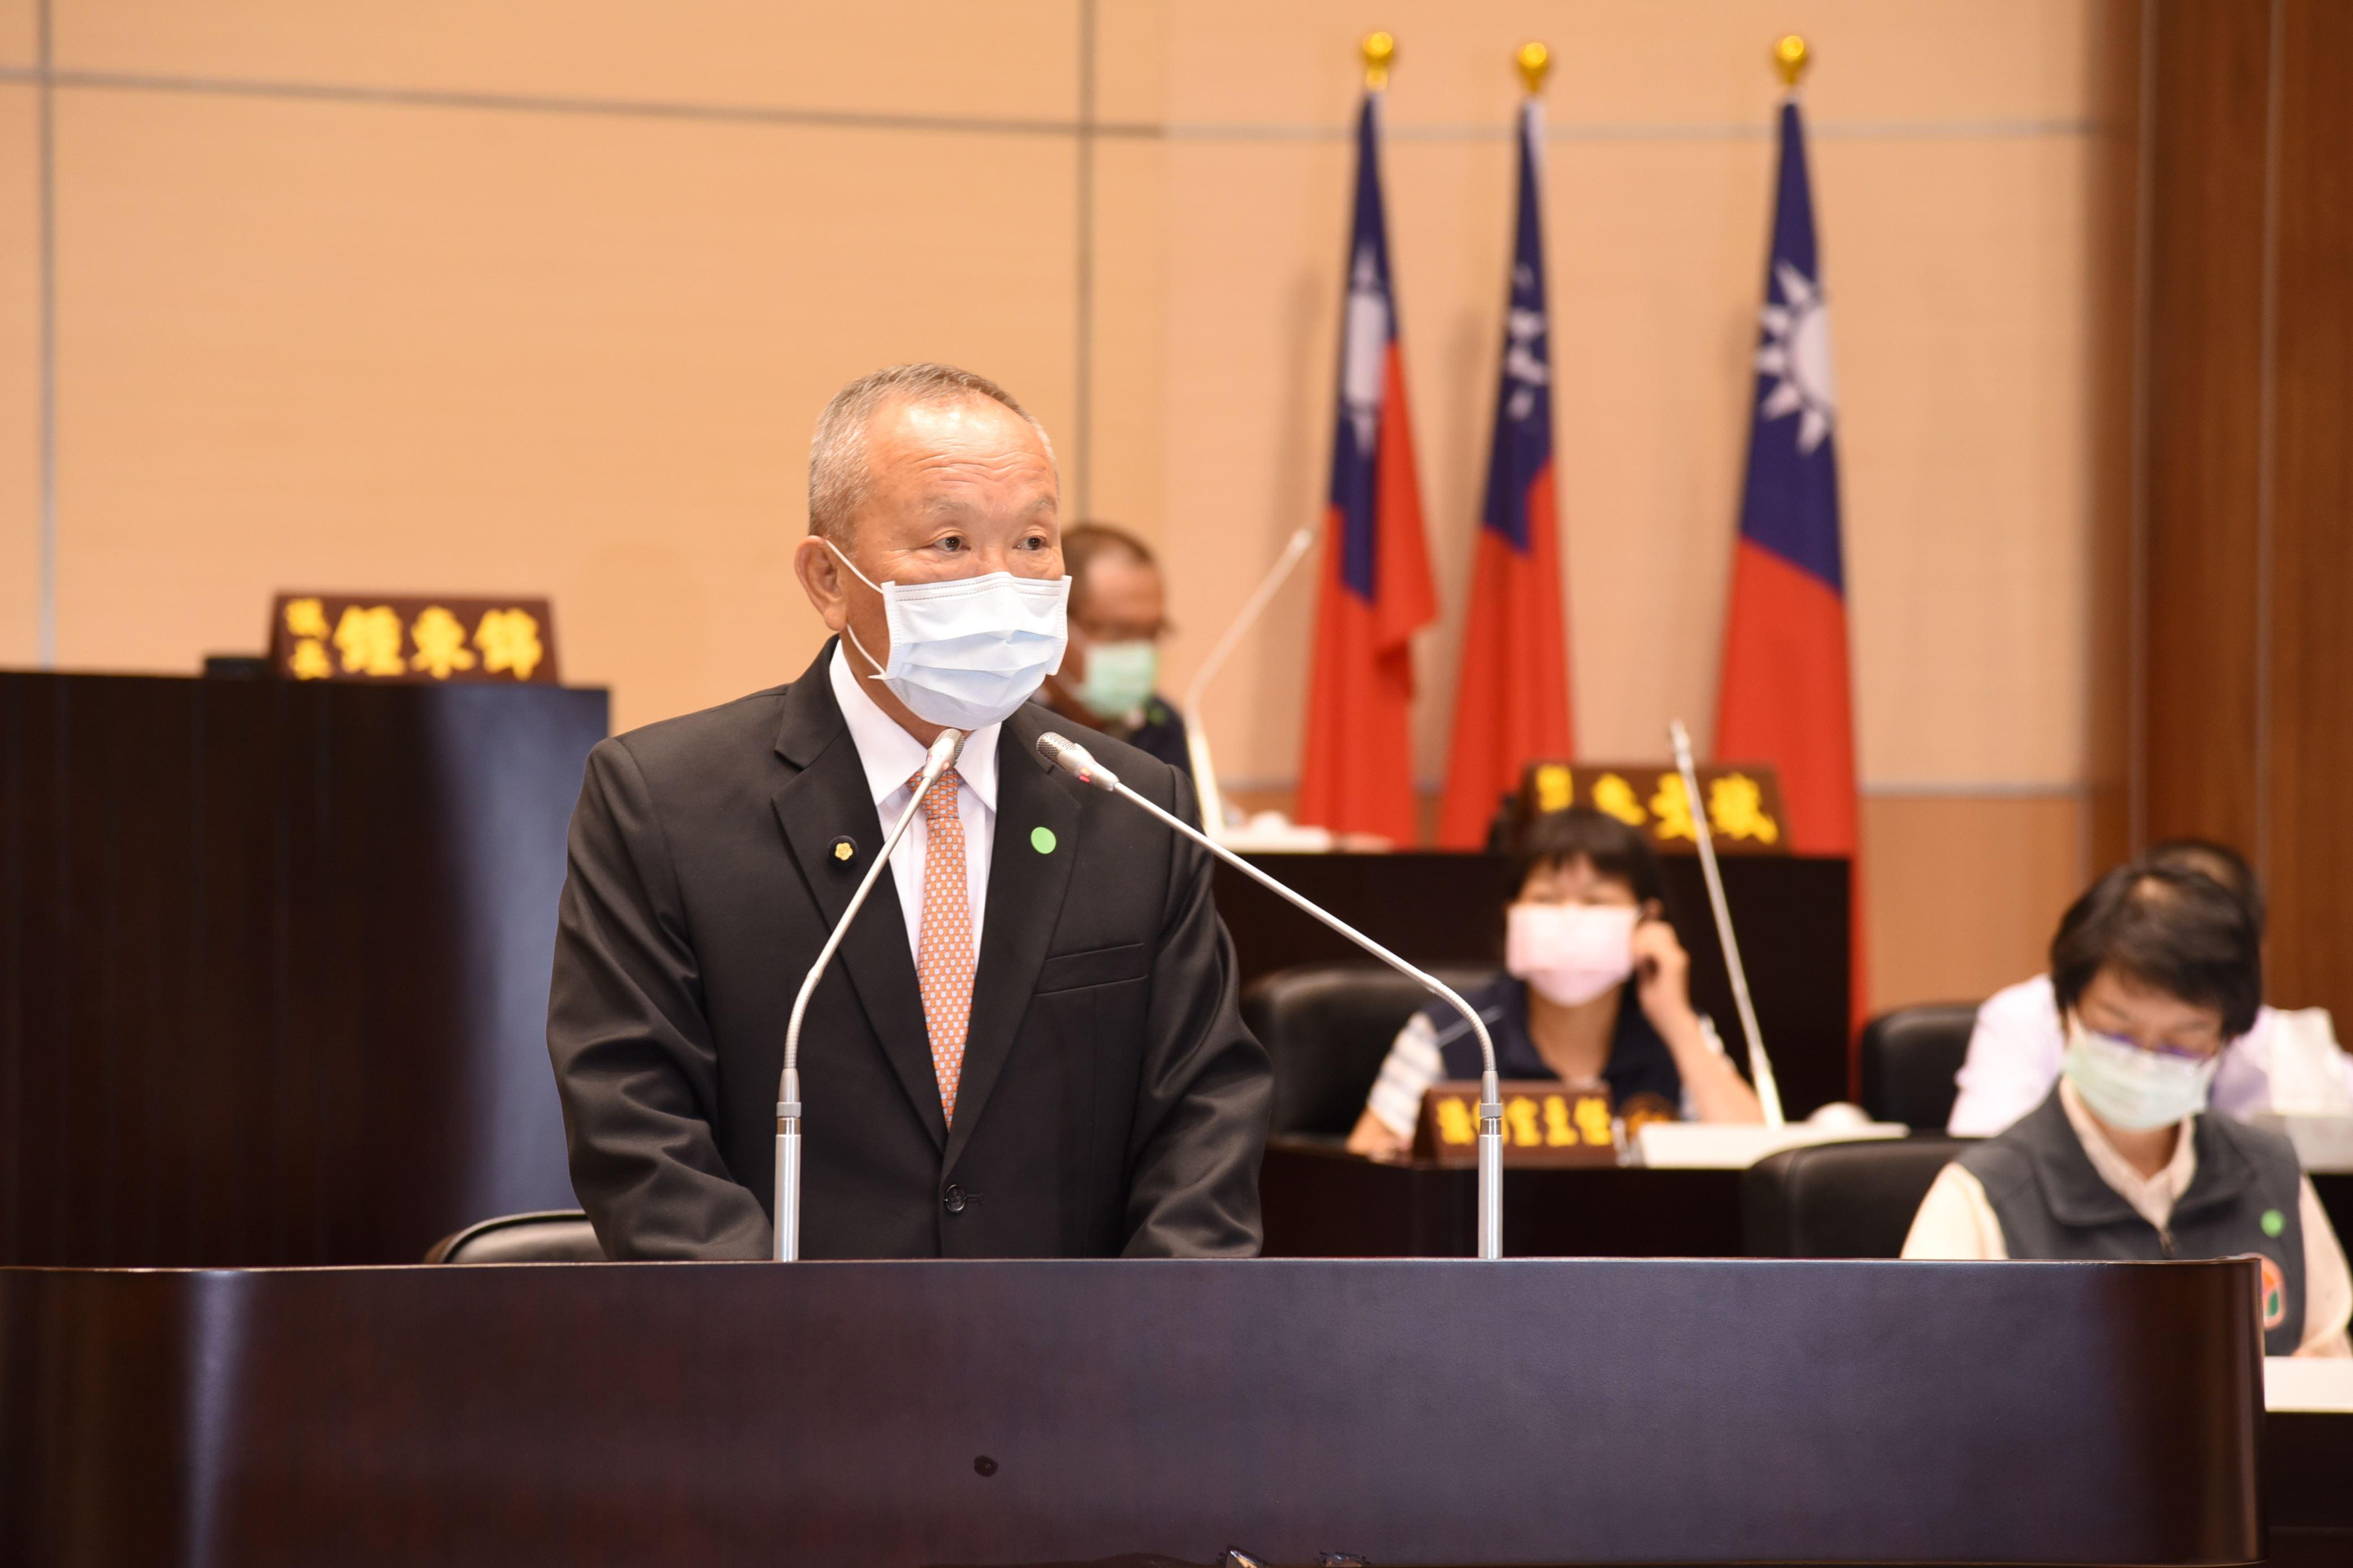 縣議會定期會開議 縣長徐耀昌施政總報告涵蓋10大重要施政